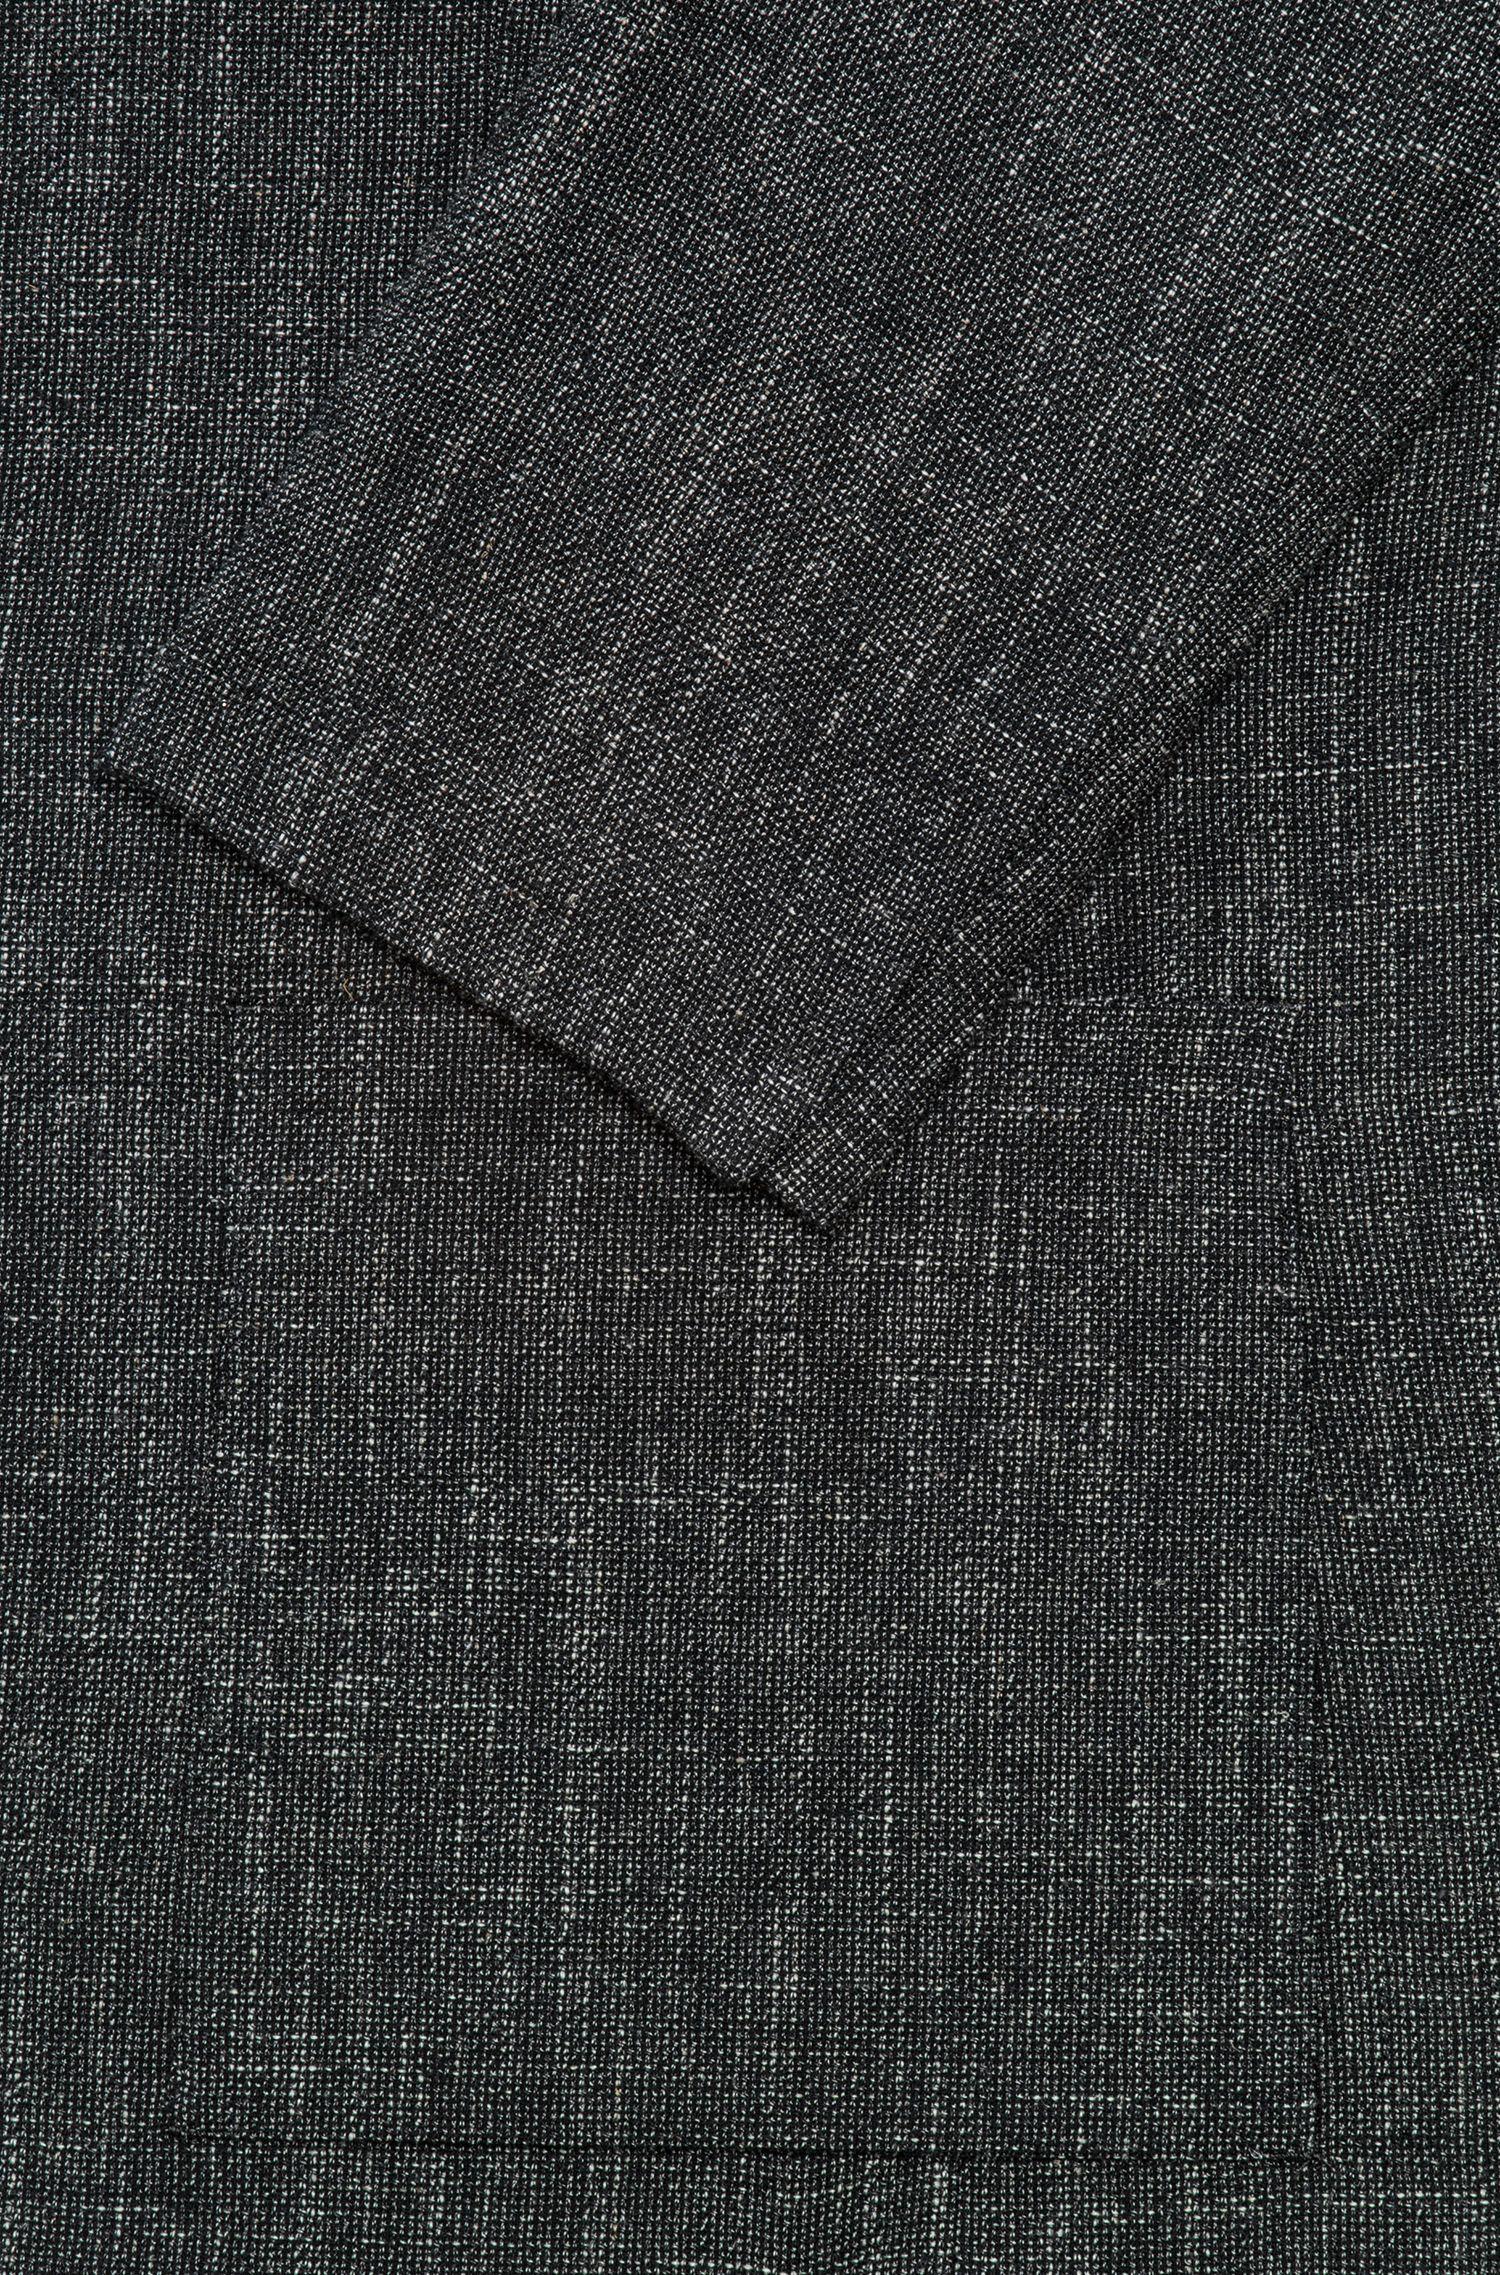 Blazer slim fit de arpillera en mezcla de lana virgen